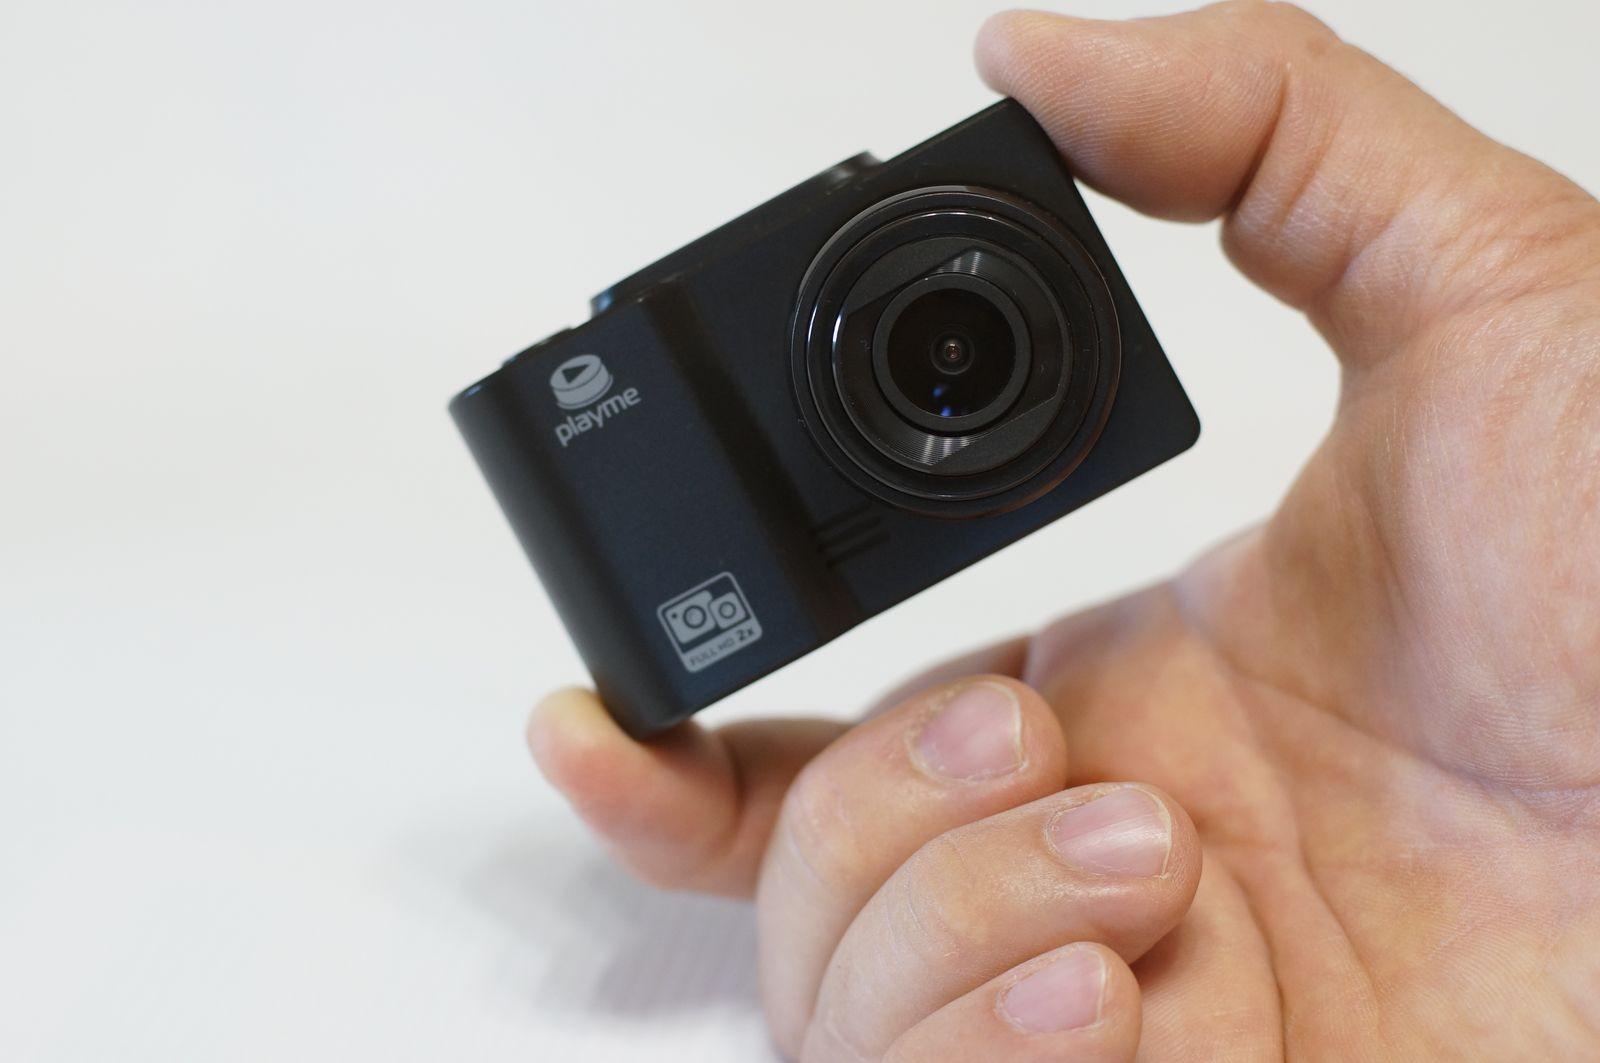 «Проверка зрения». Обзор двухканального видеорегистратора Playme ODDER